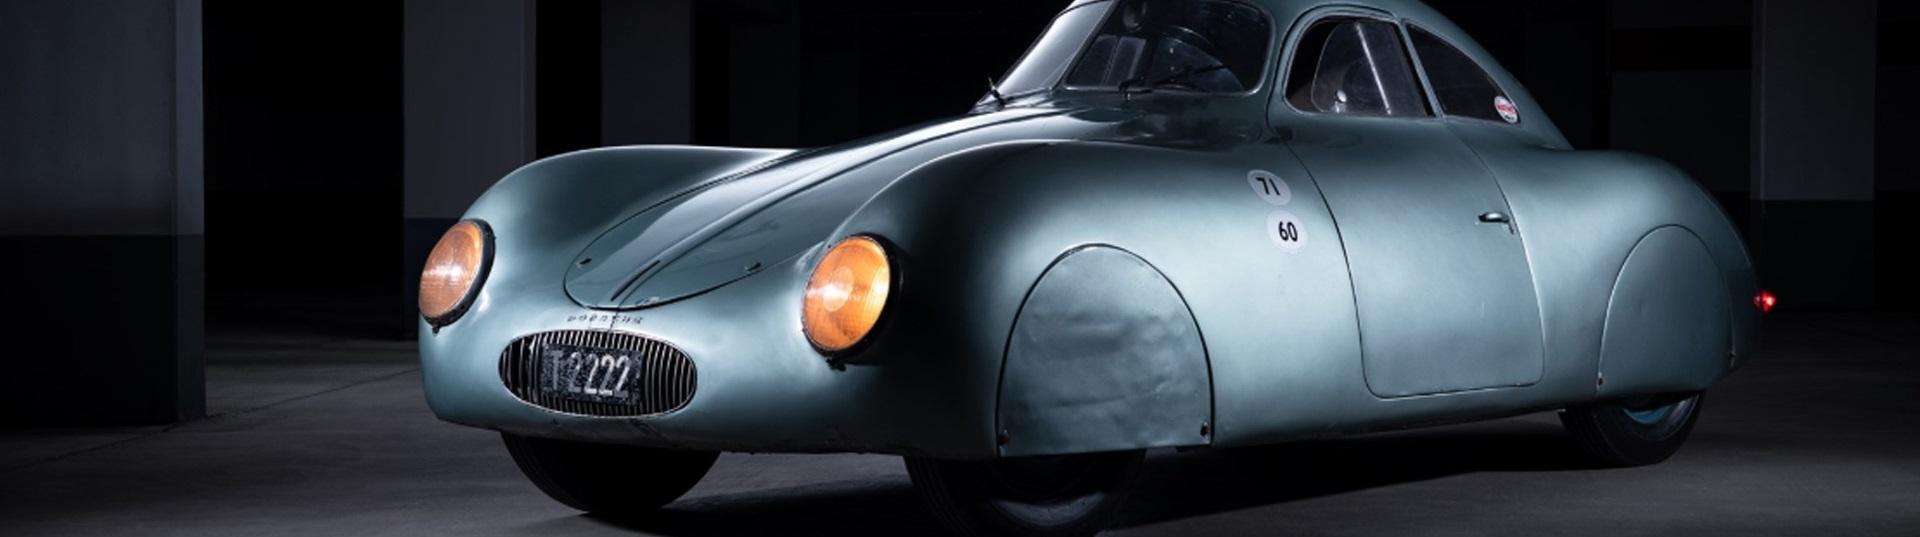 Porsche Typ_64_1920